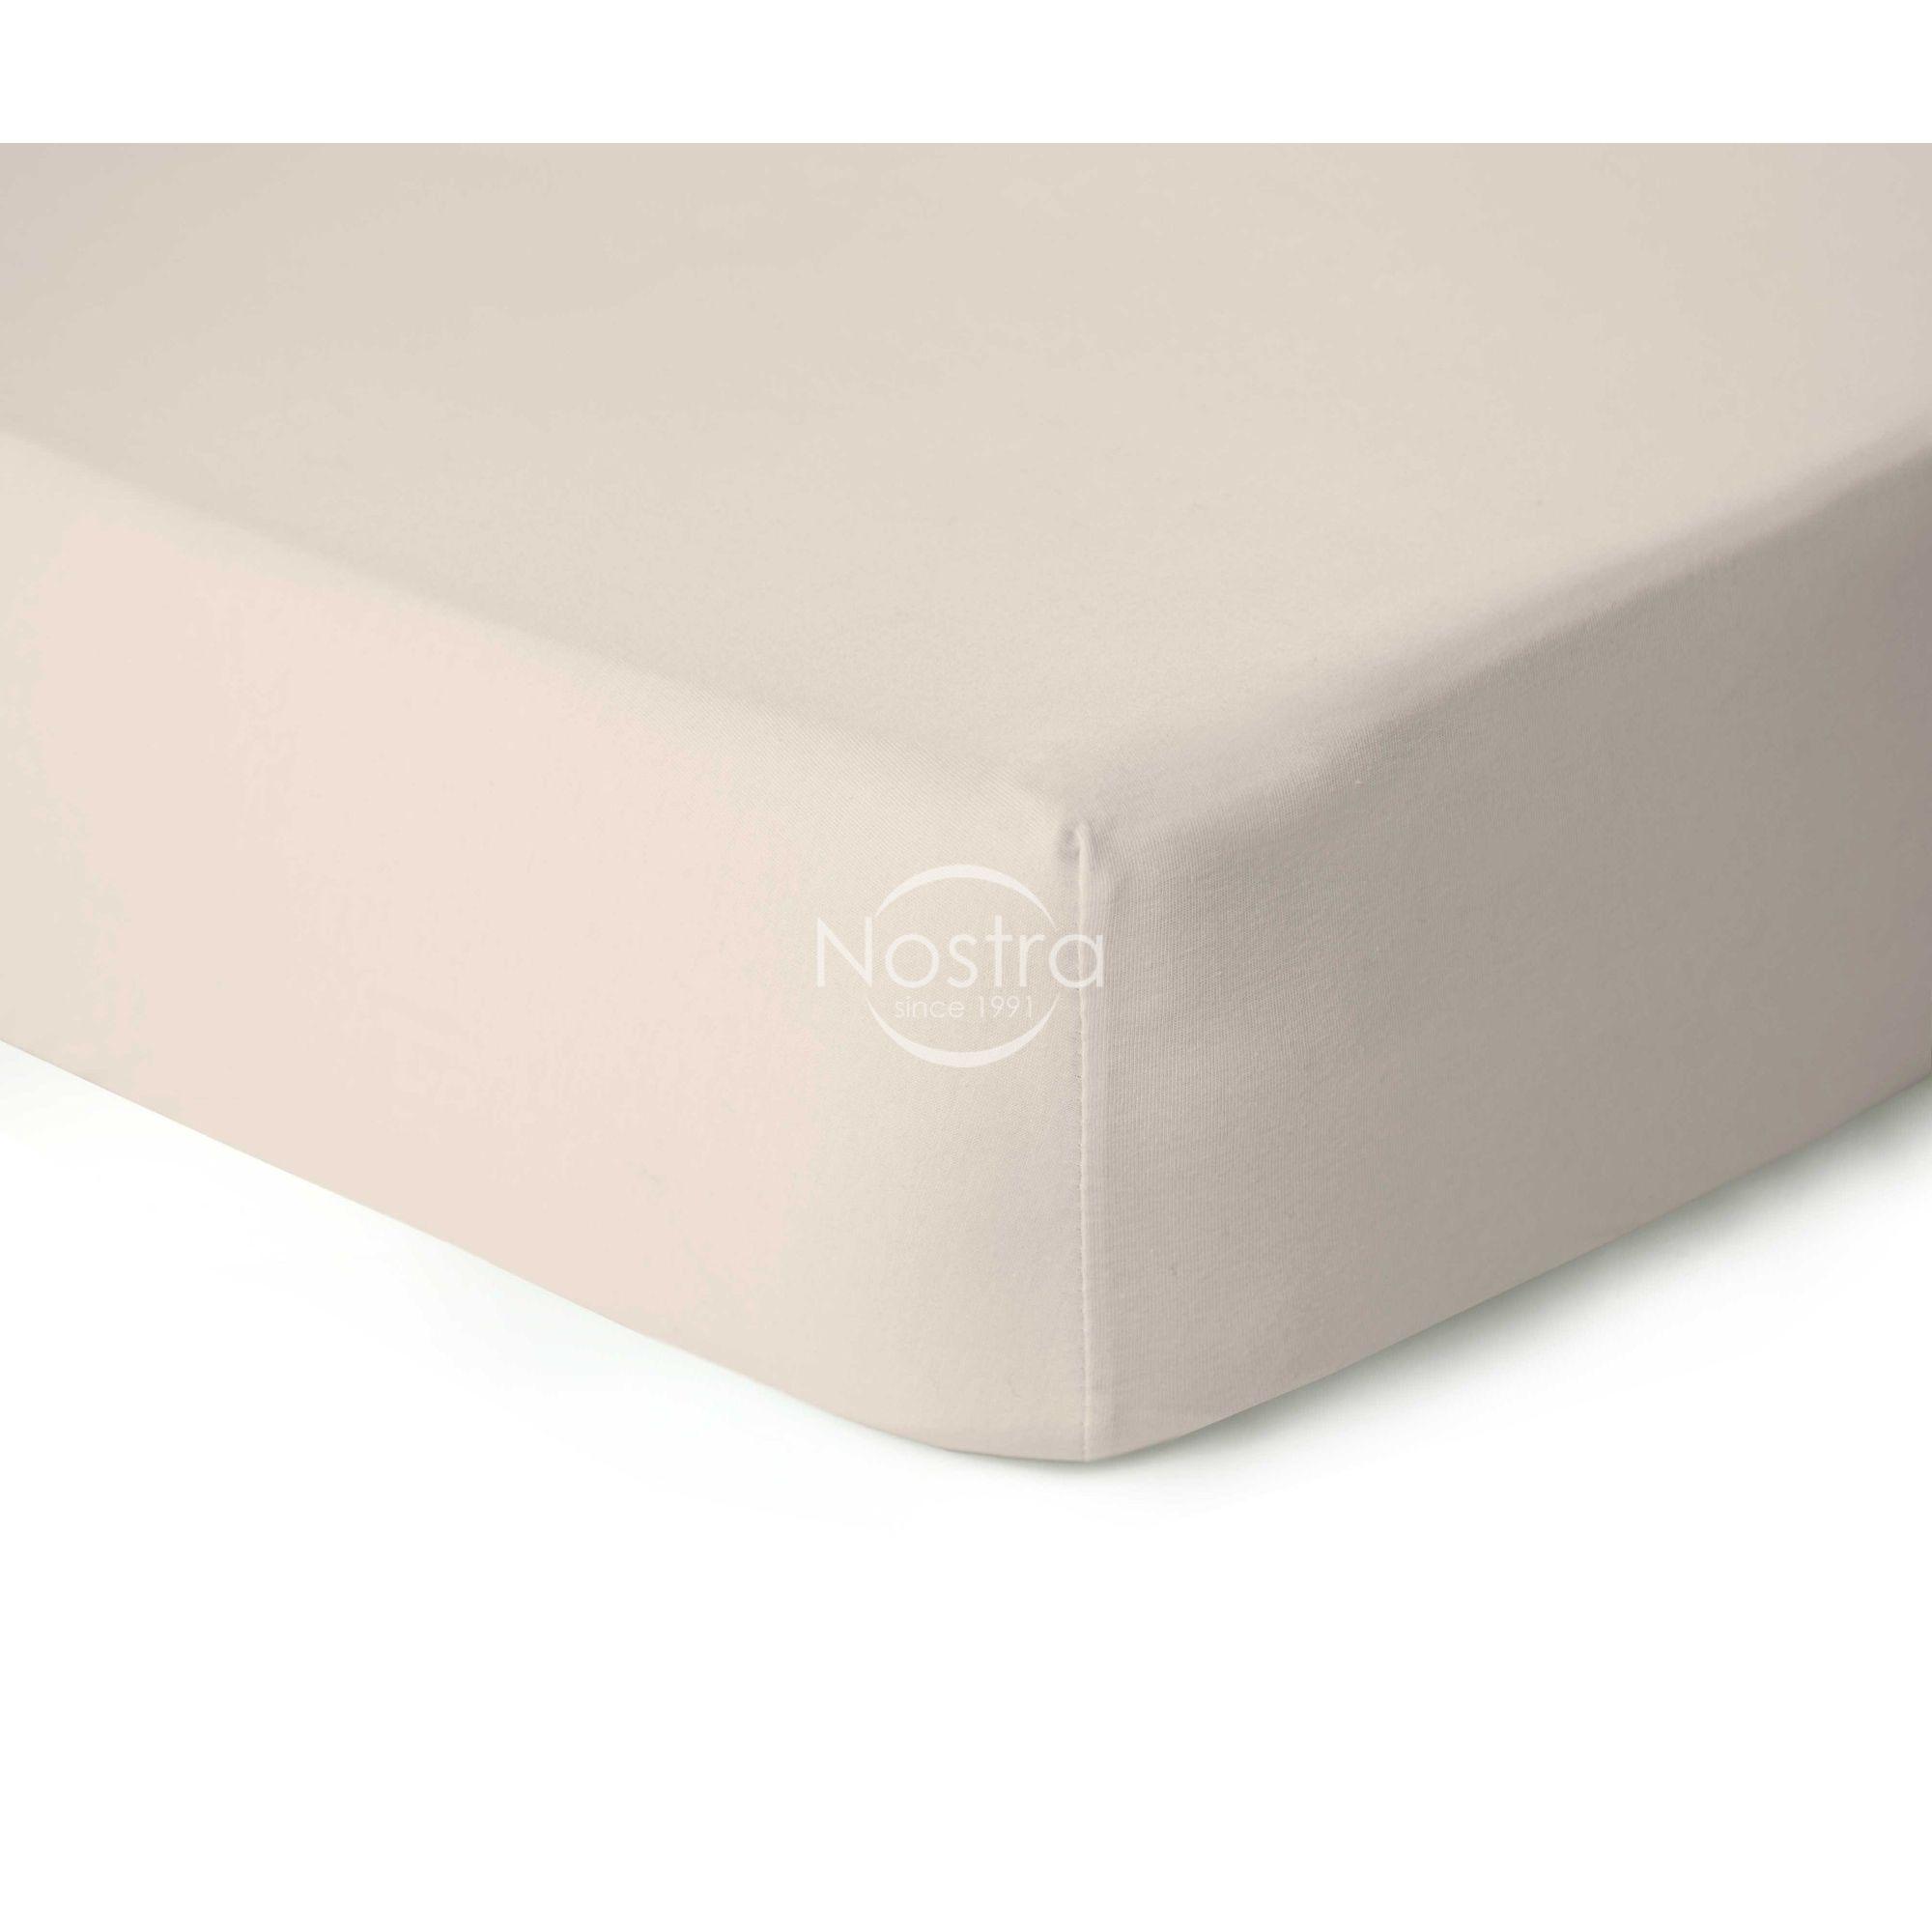 Trikotažinės paklodės su guma JERSEYBTL-CREAM